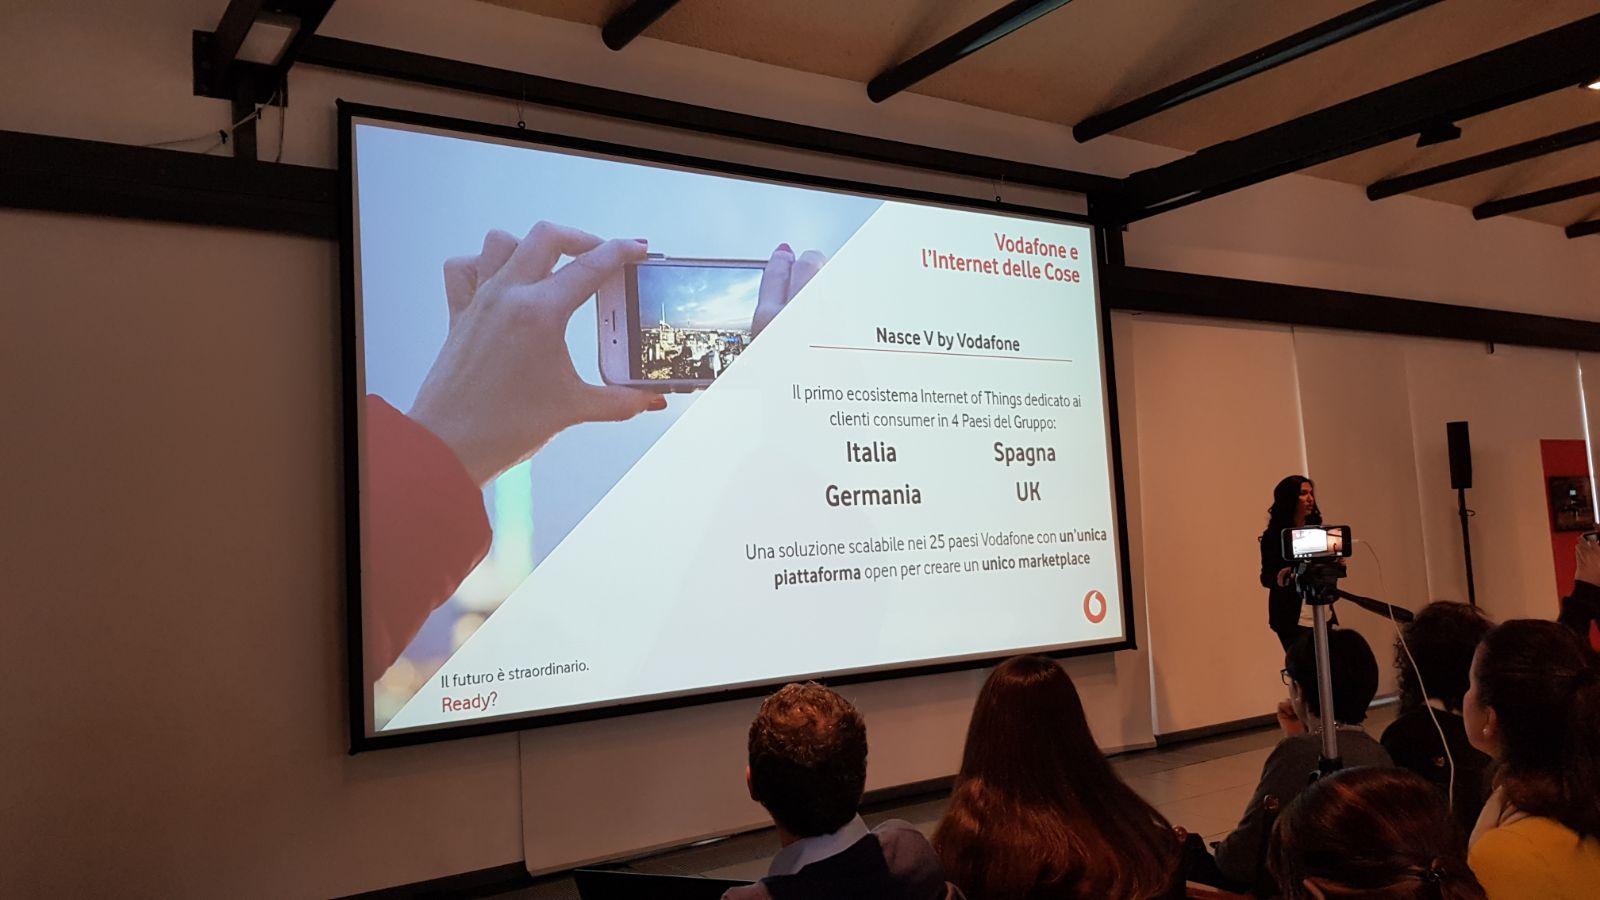 V by Vodafone, l'IoT di Vodafone è stato presentato ufficialmente thumbnail